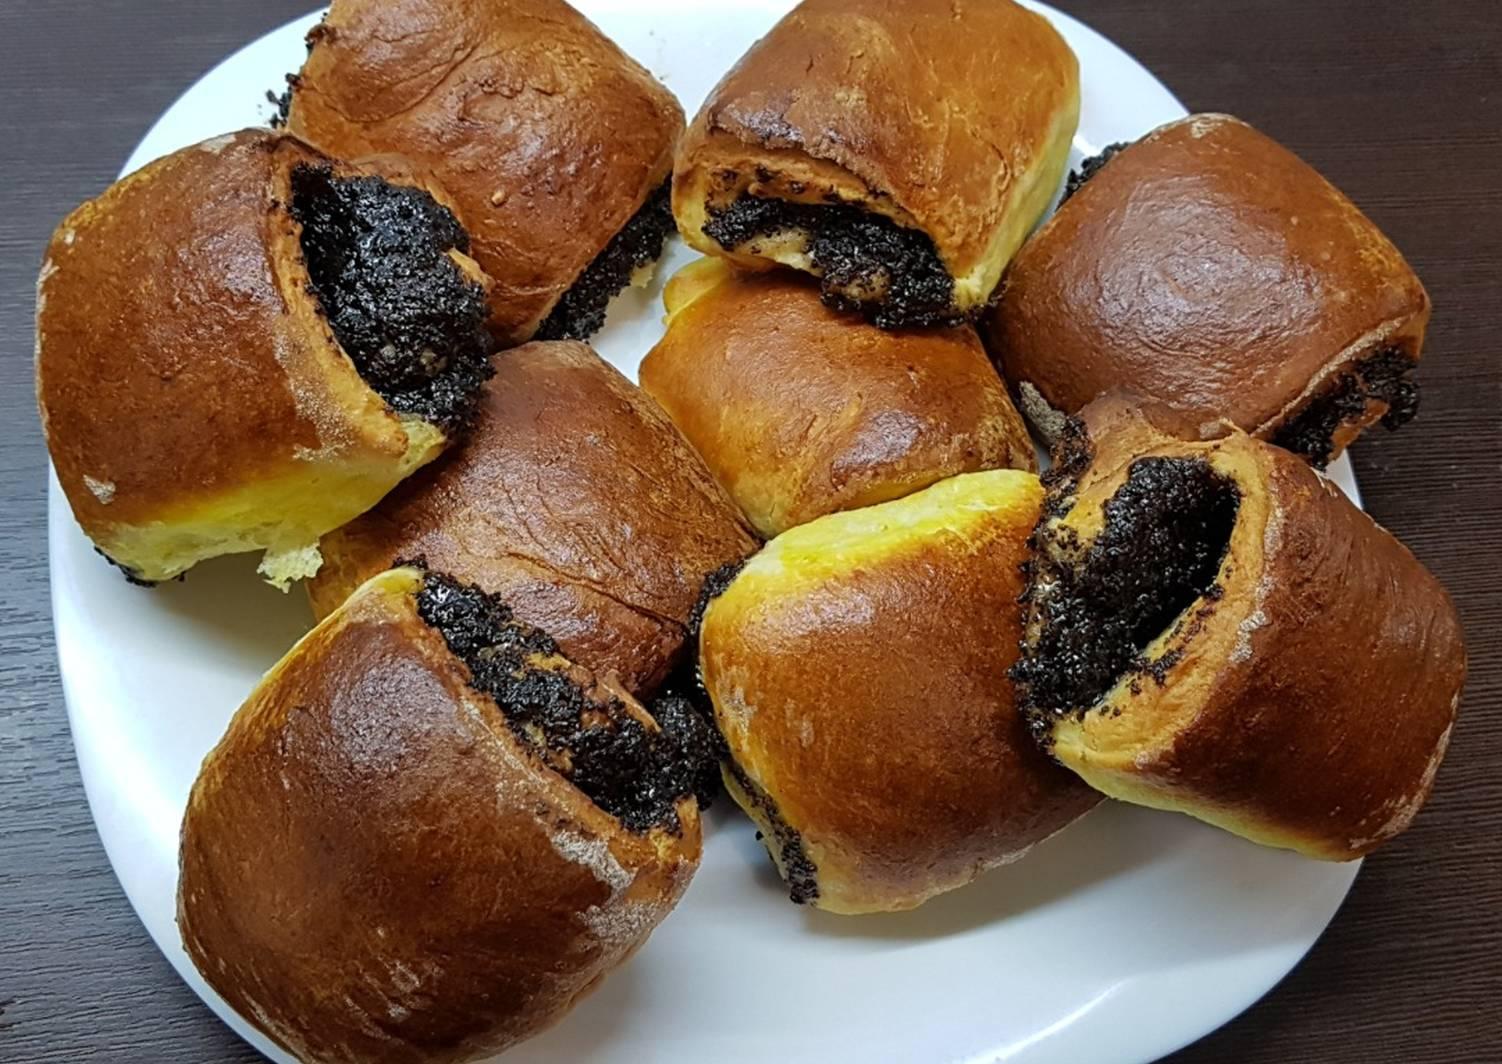 фото осенние маковые булочки рецепт с фото поздравление днем рождения